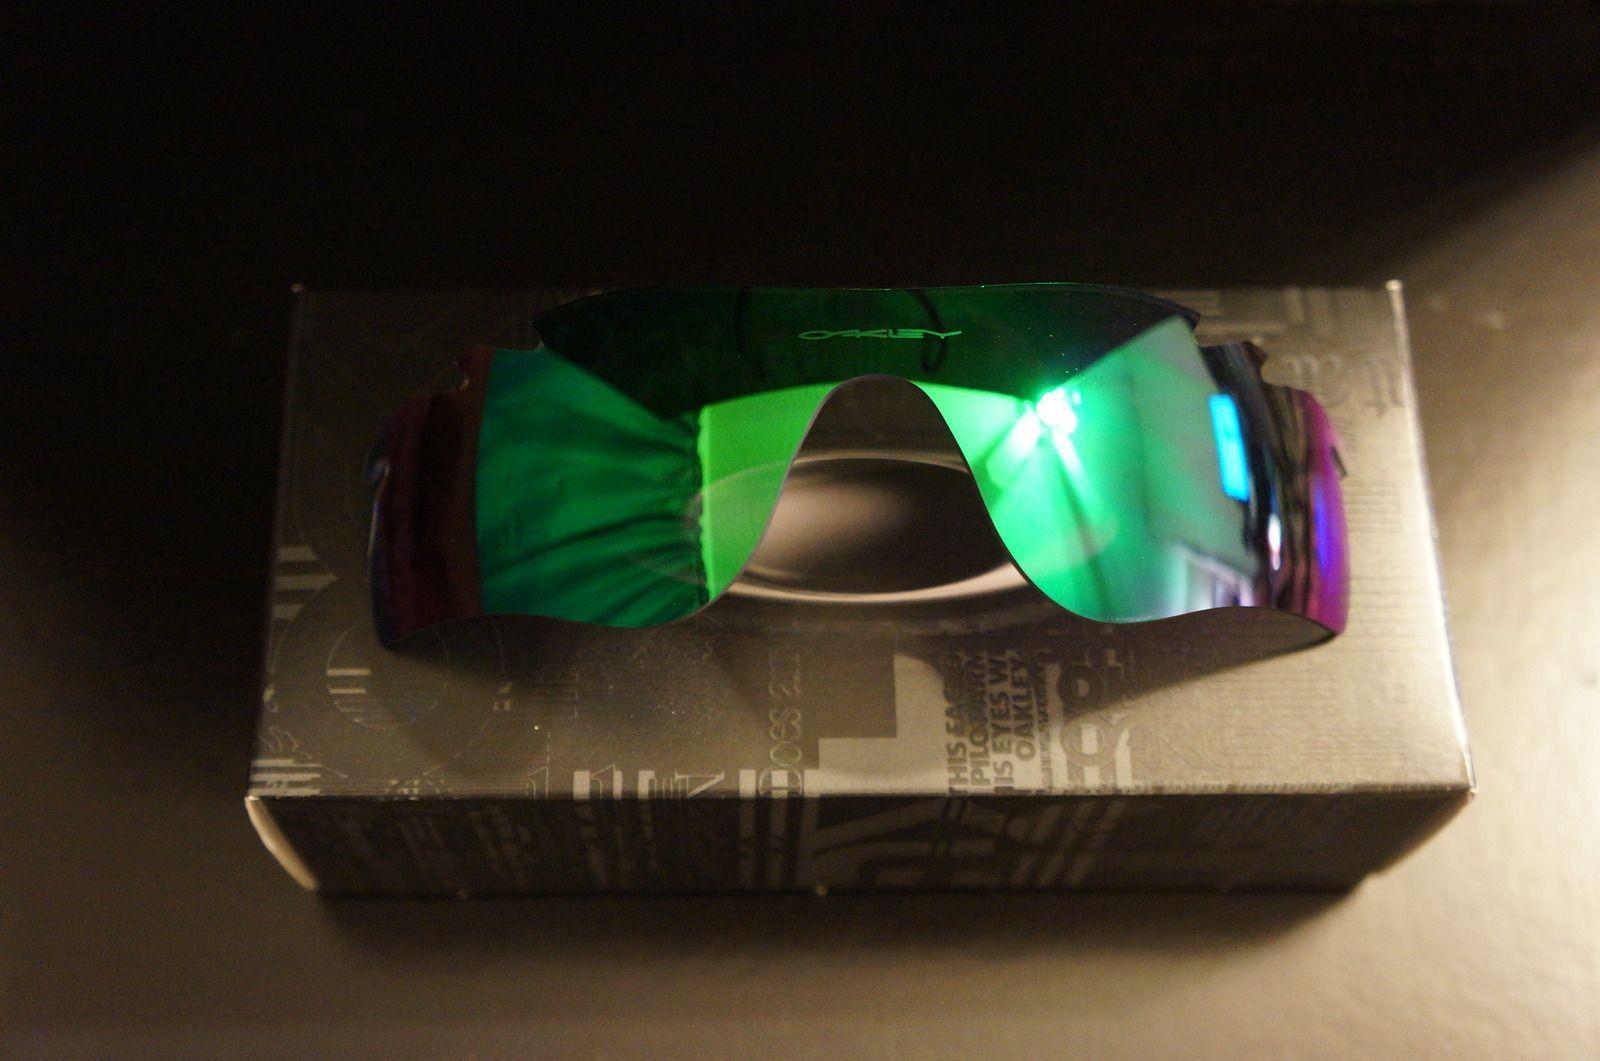 Radarlock +Red And Jade Iridium Lenses - Factory Fresh - BNIB - ku0e.jpg